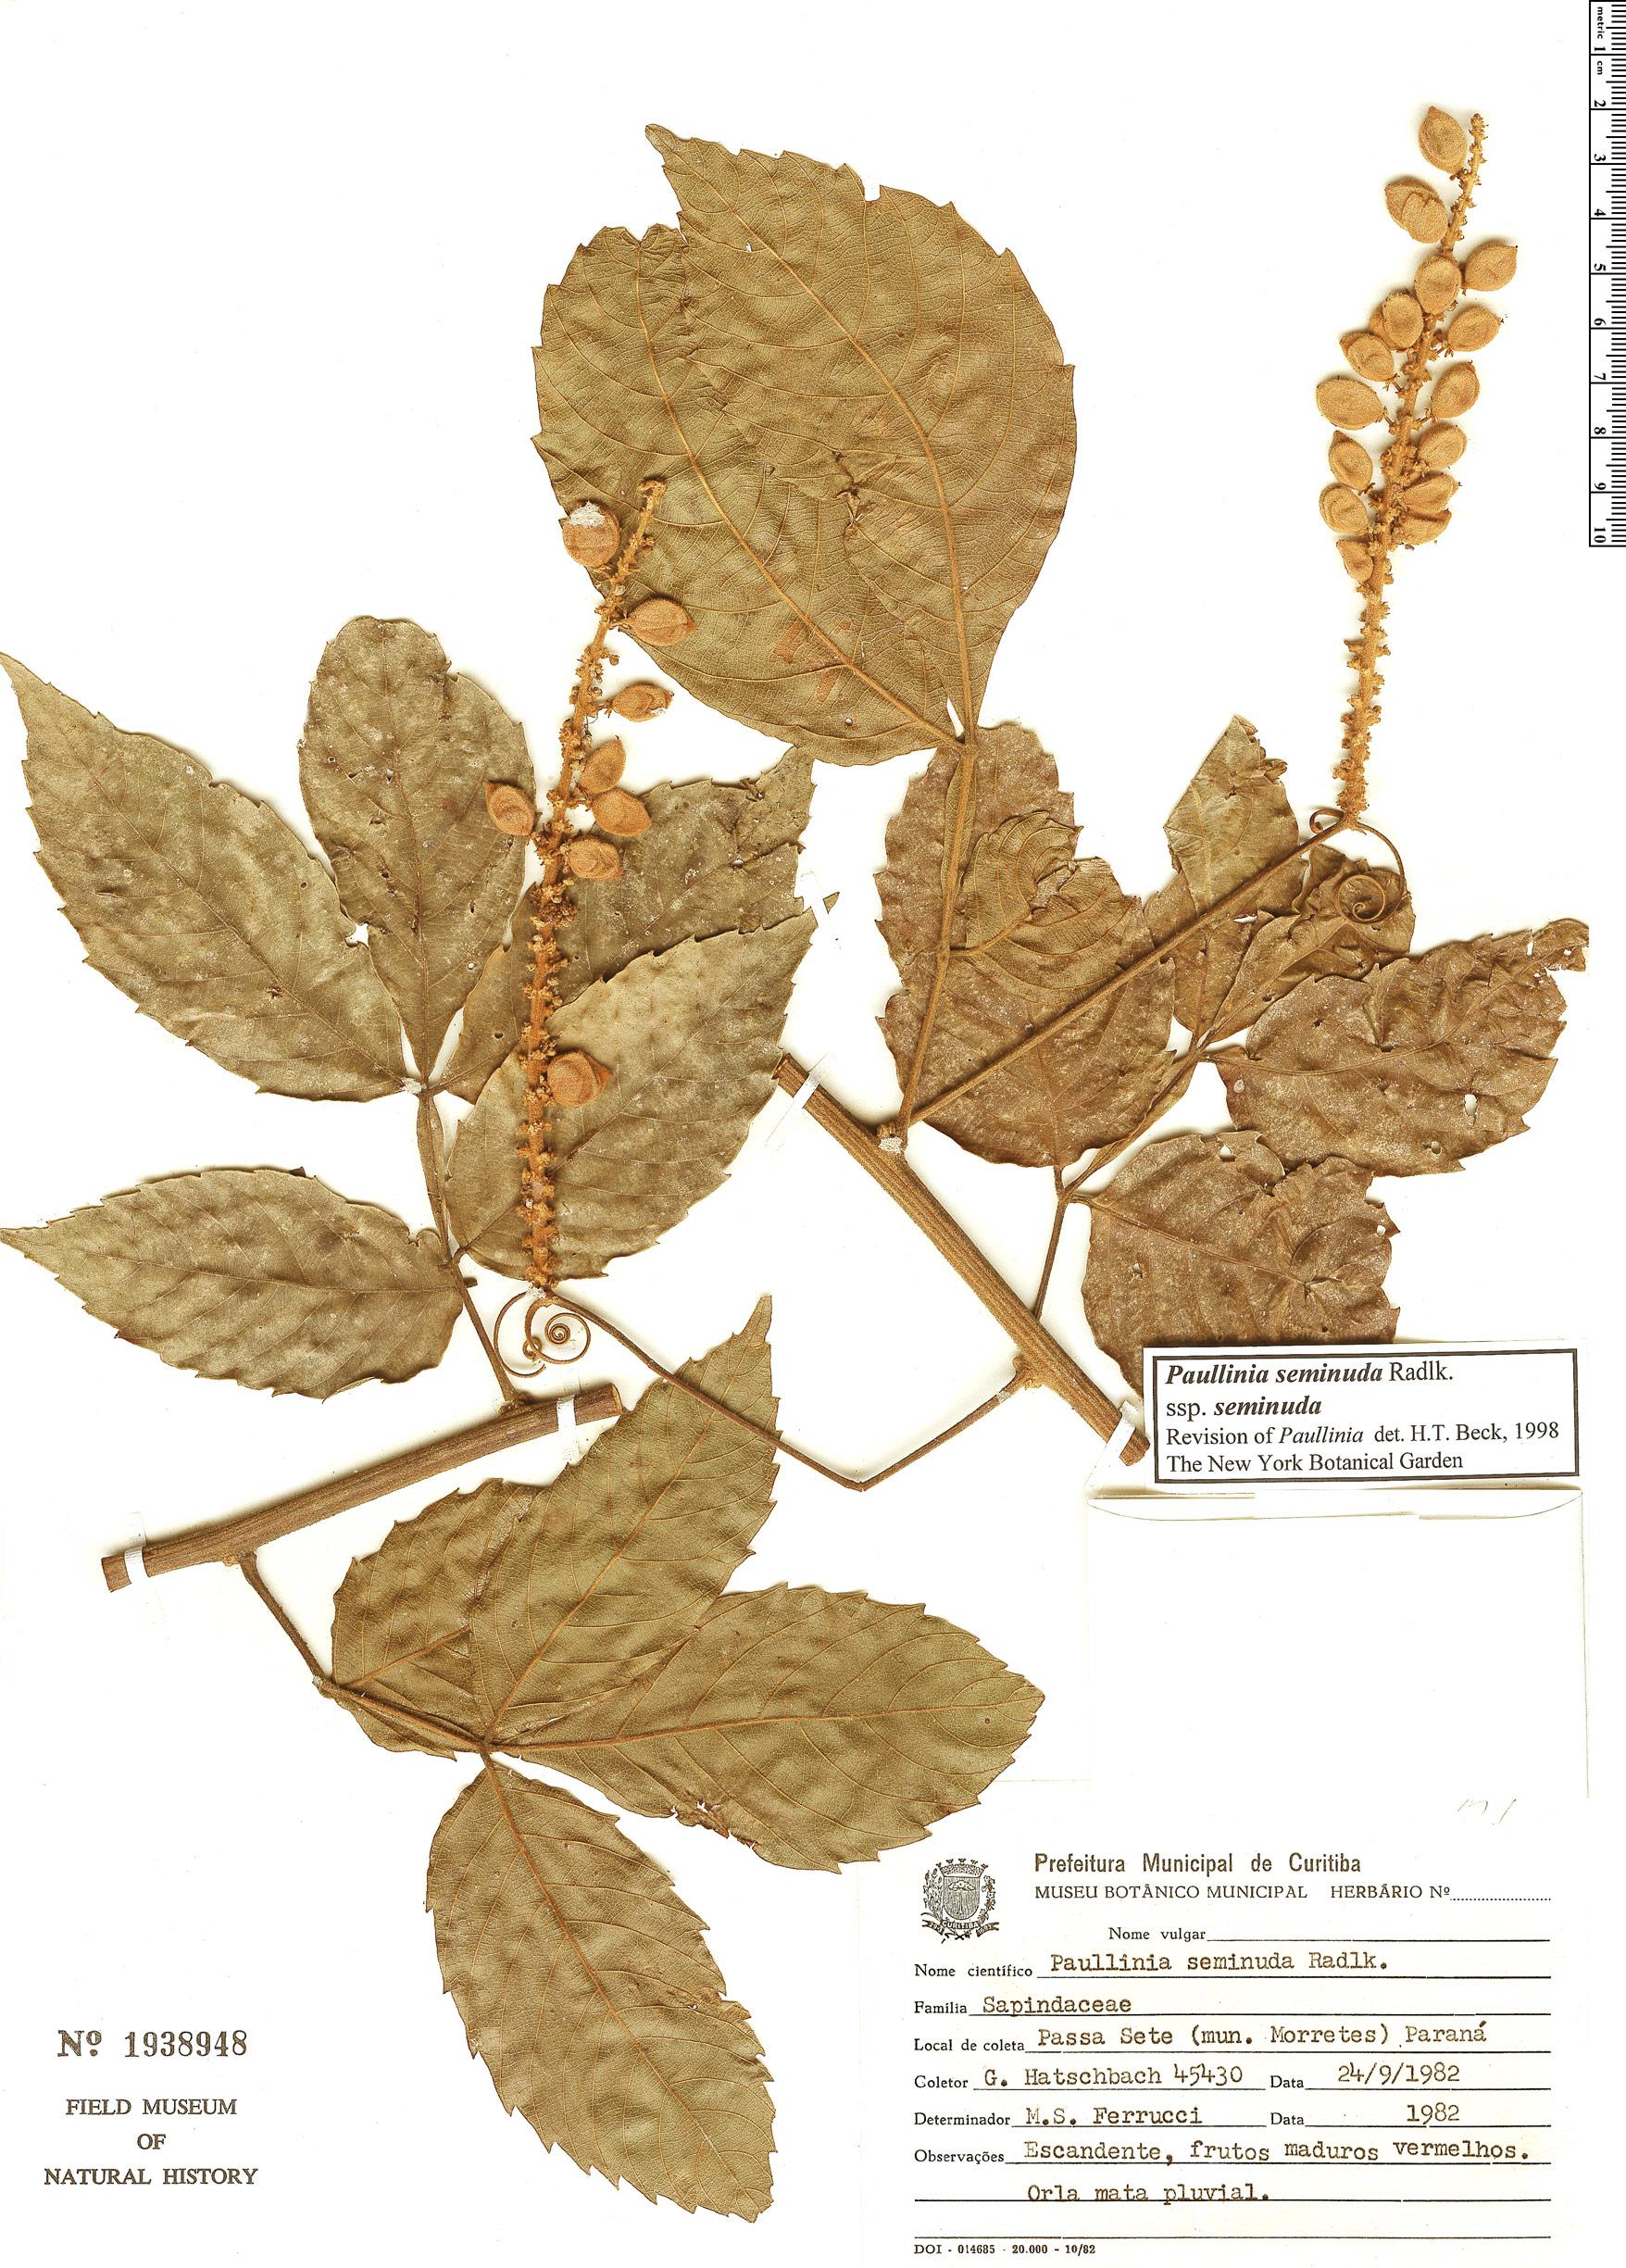 Specimen: Paullinia seminuda